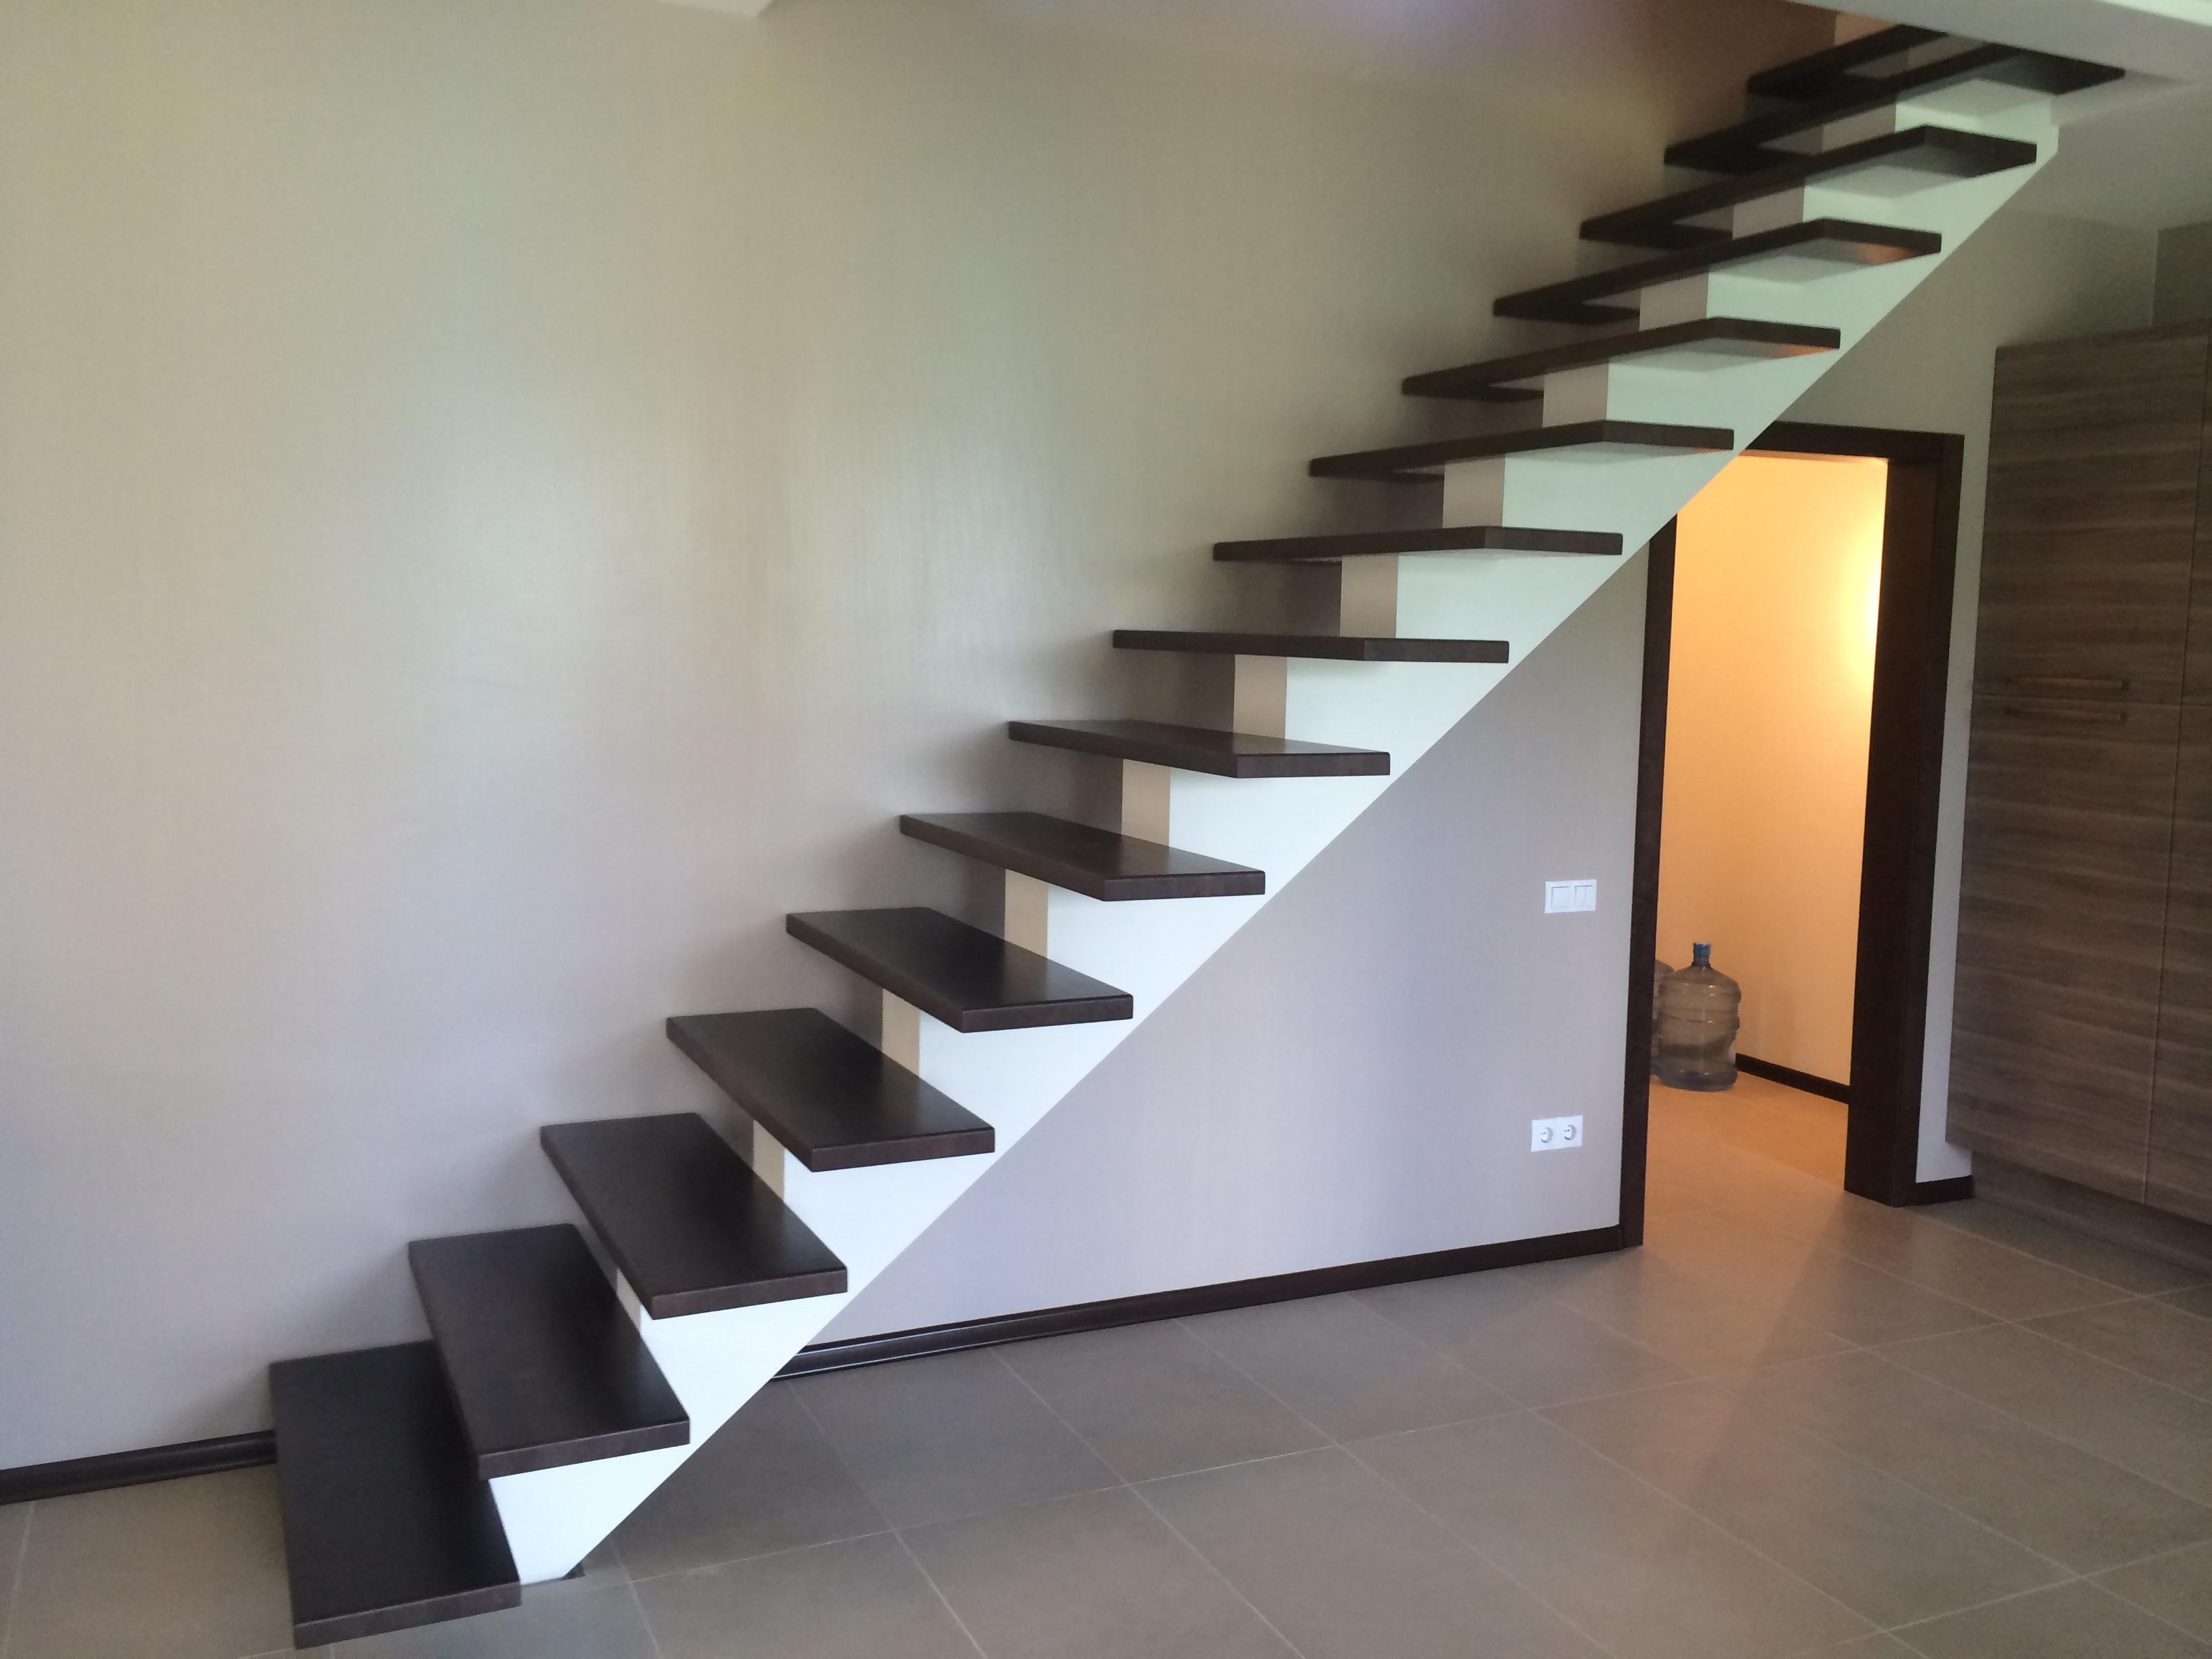 Косоуры лестниц из металла своими руками фото 188